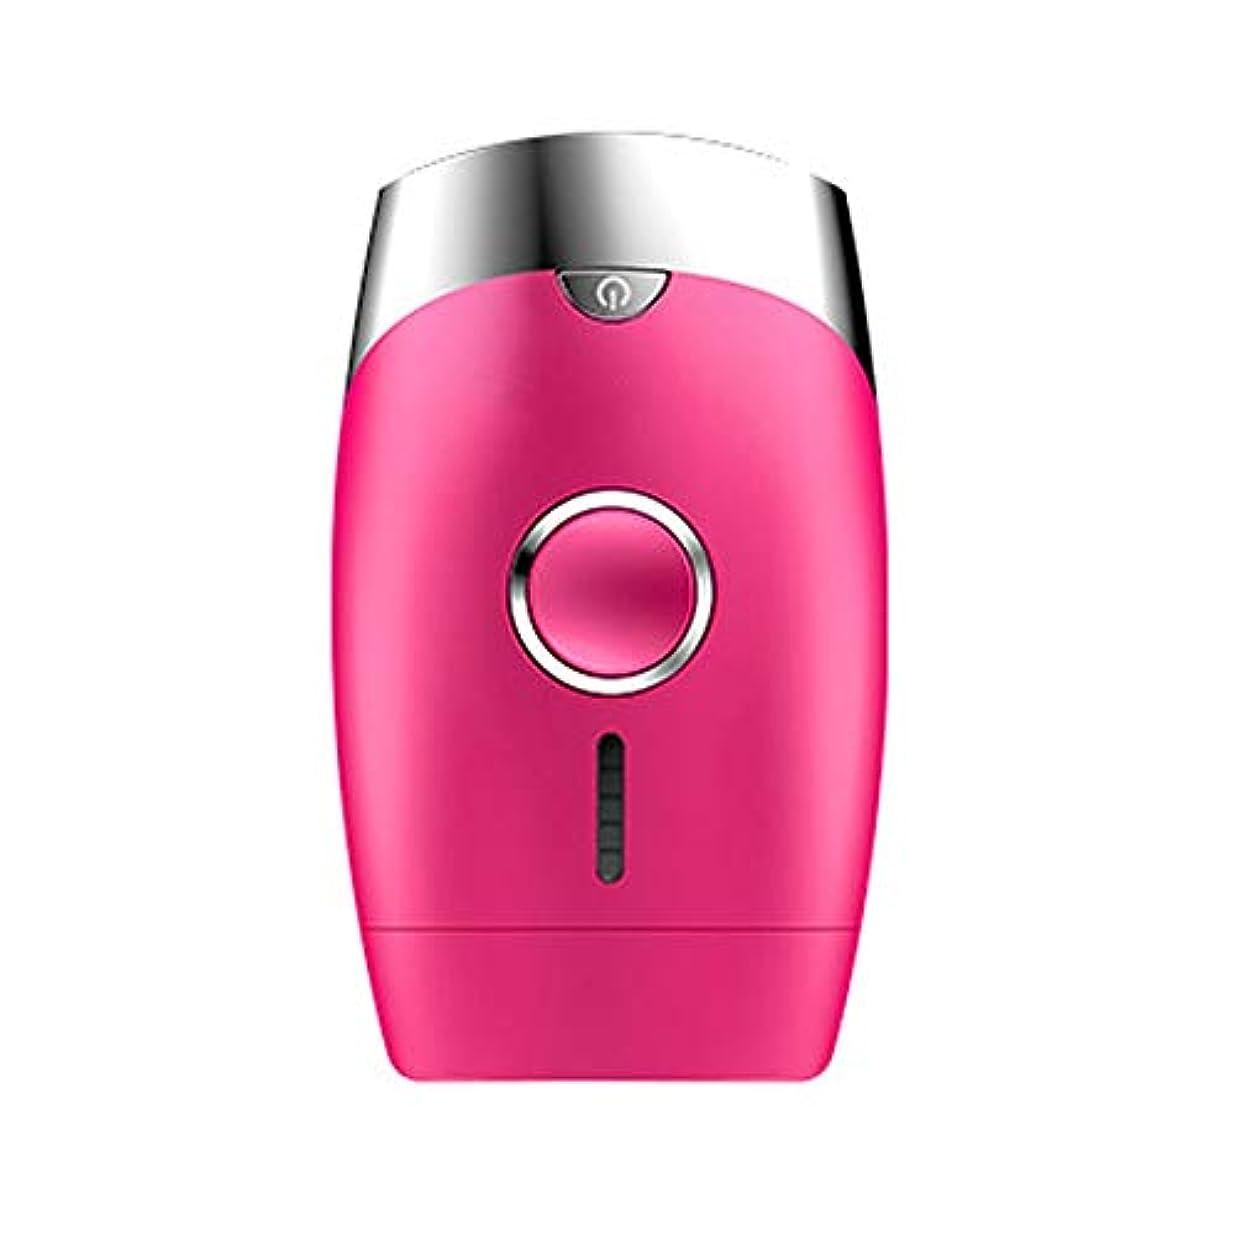 無傷コマンド前兆ピンク、5スピード調整、インテリジェント家庭用痛みのない凝固点ヘアリムーバー、シングルフラッシュ/連続フラッシュ、サイズ13.9 X 8.3 X 4.8 Cm 髪以外はきれい (Color : Pink)